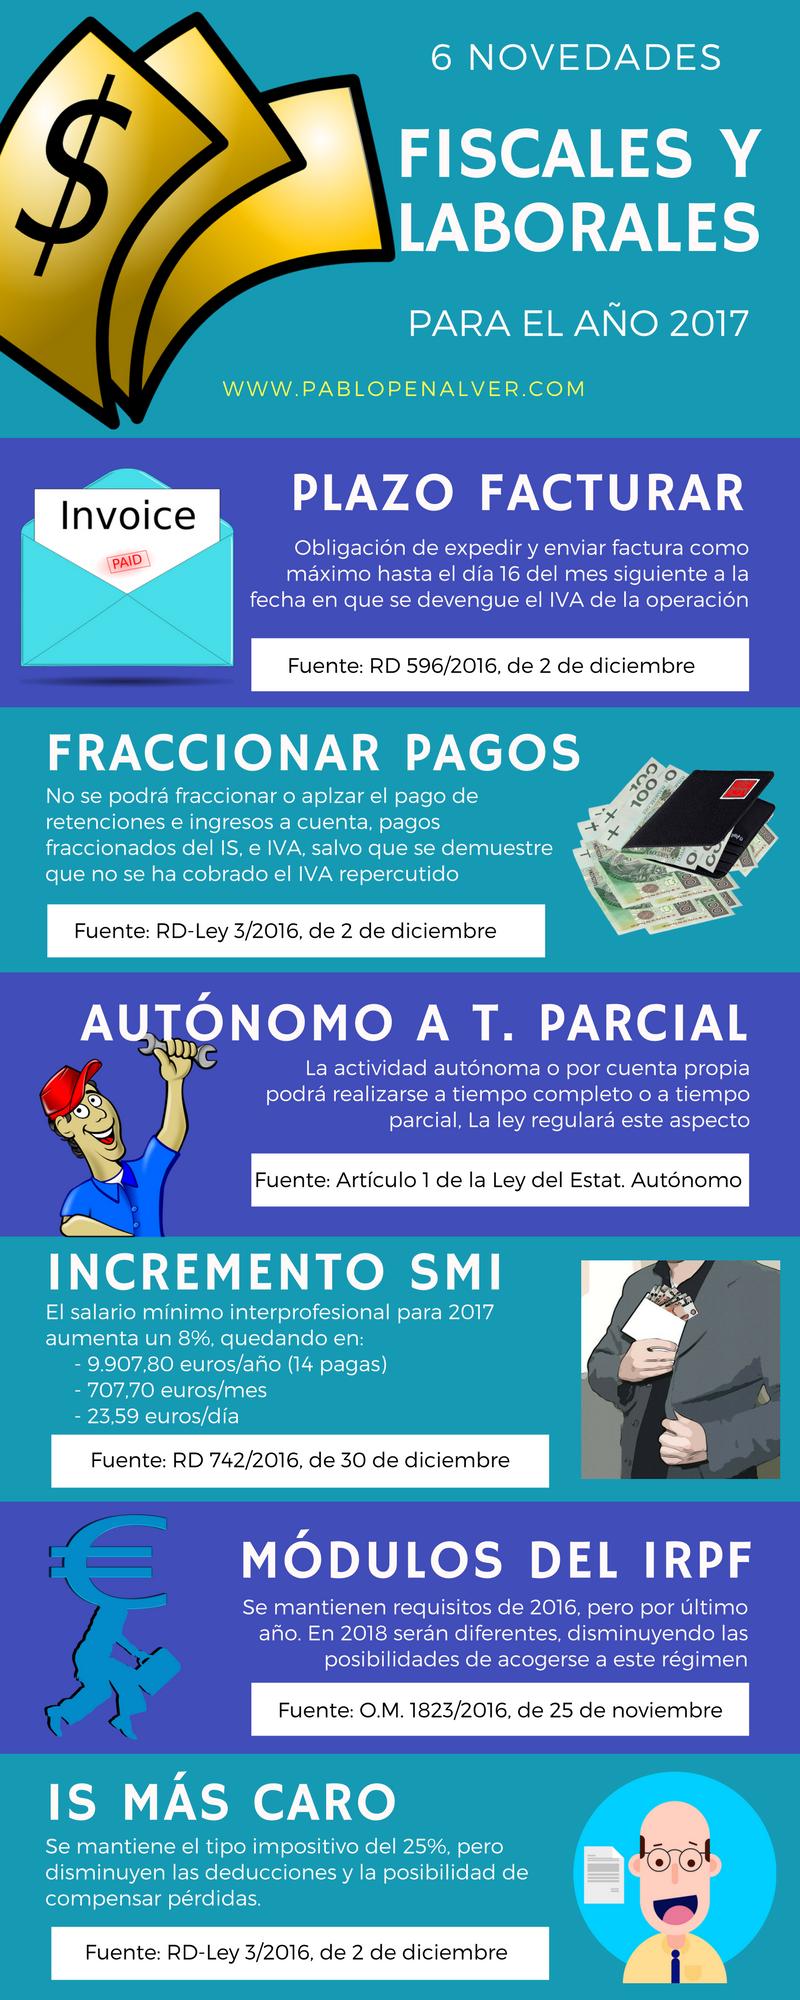 6-novedades-fiscales-2017